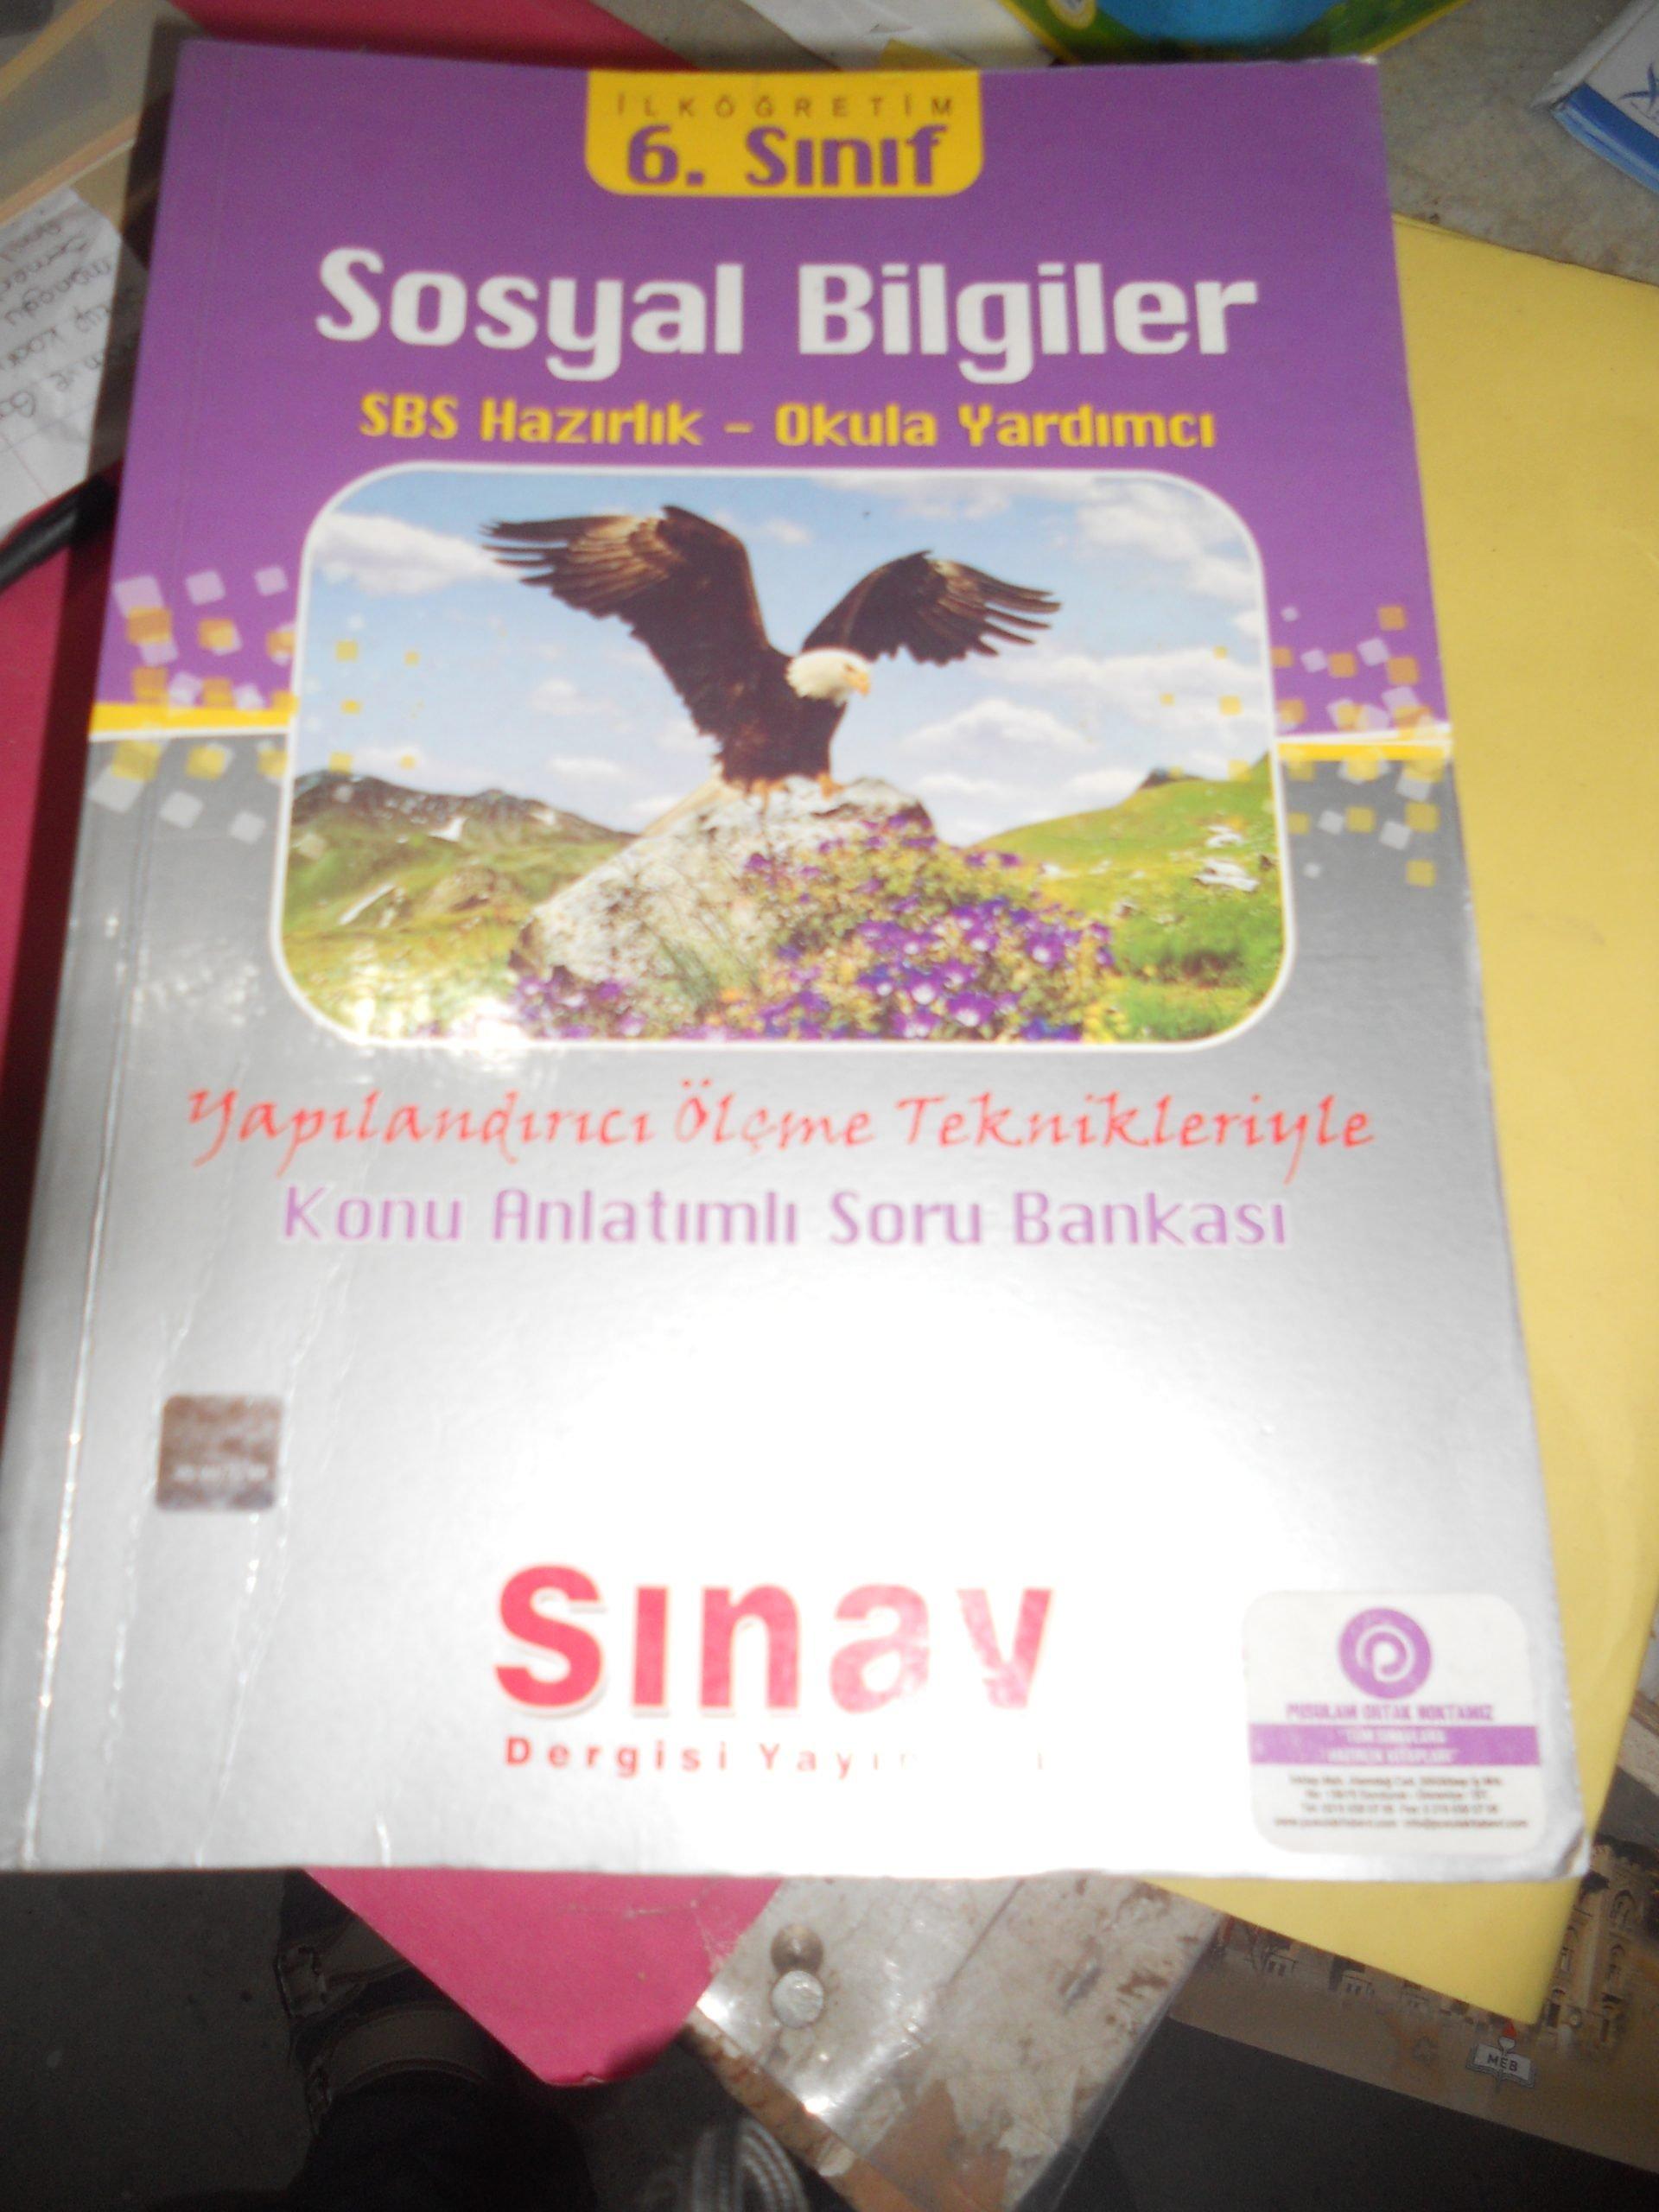 6.SINIF Sosyal Bilgiler Konu Anlatımlı Soru Bankası/SINAV DERGİSİ YAY/ 15TL